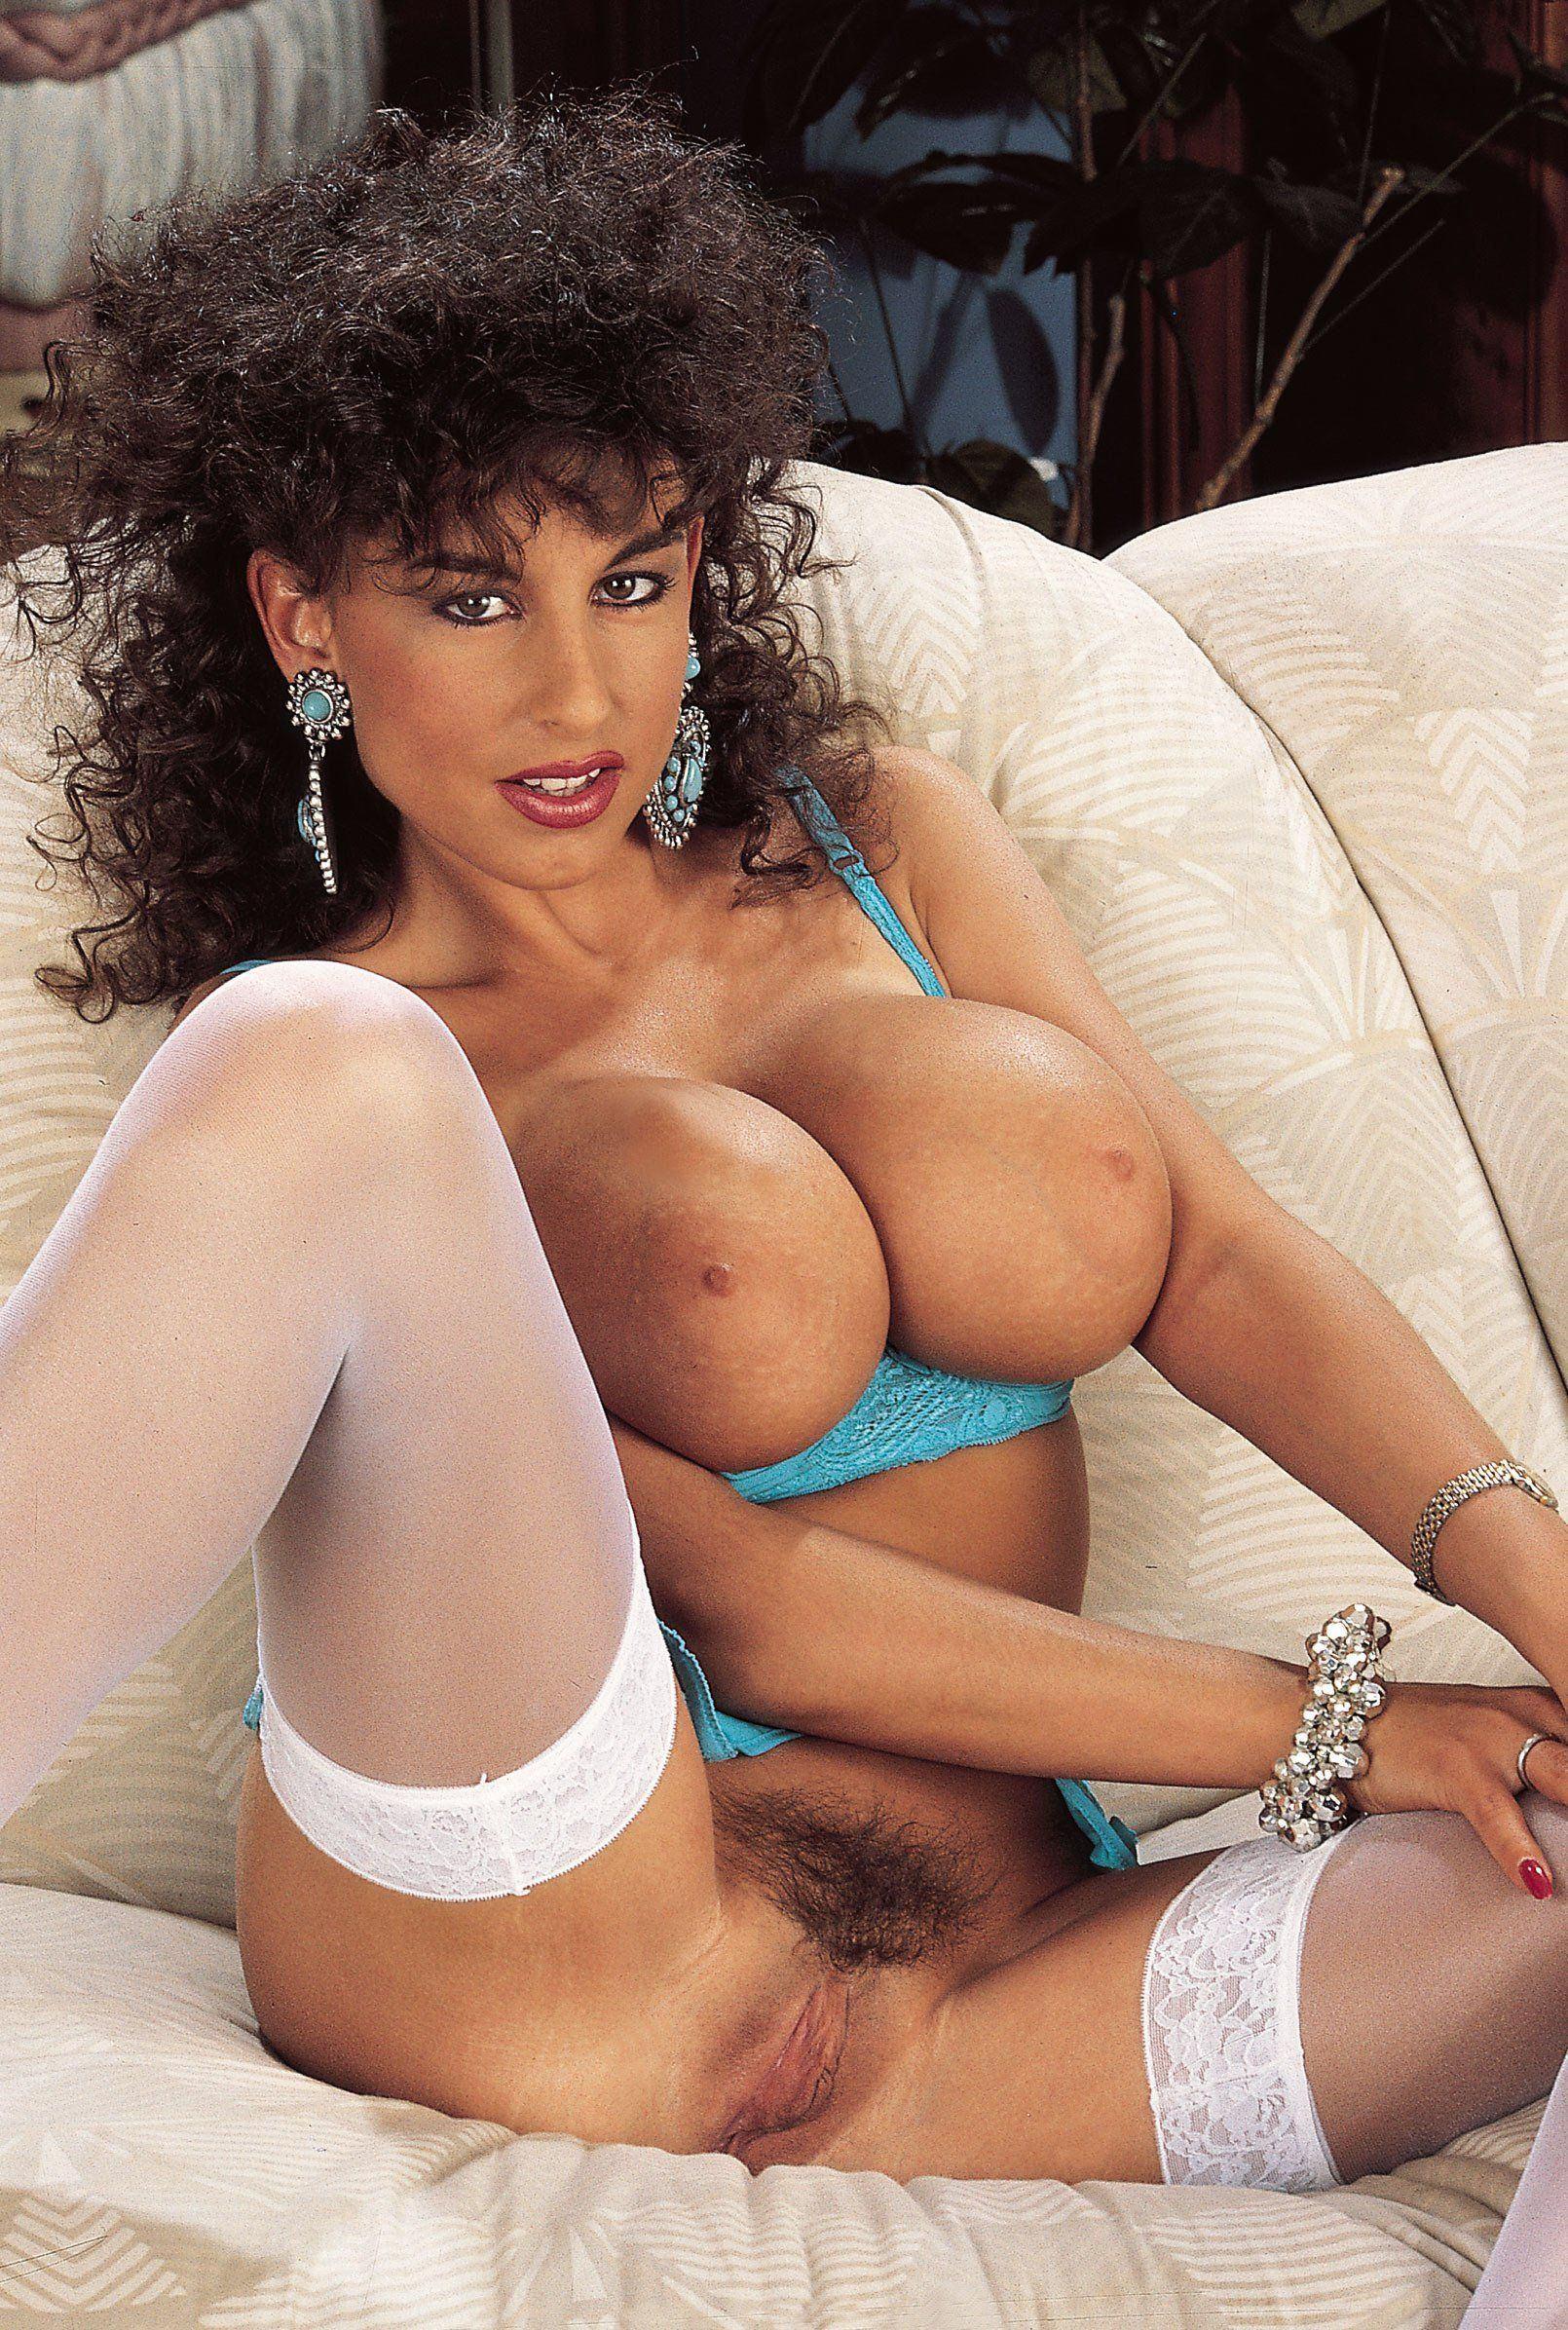 best of Young Pornstar sarah